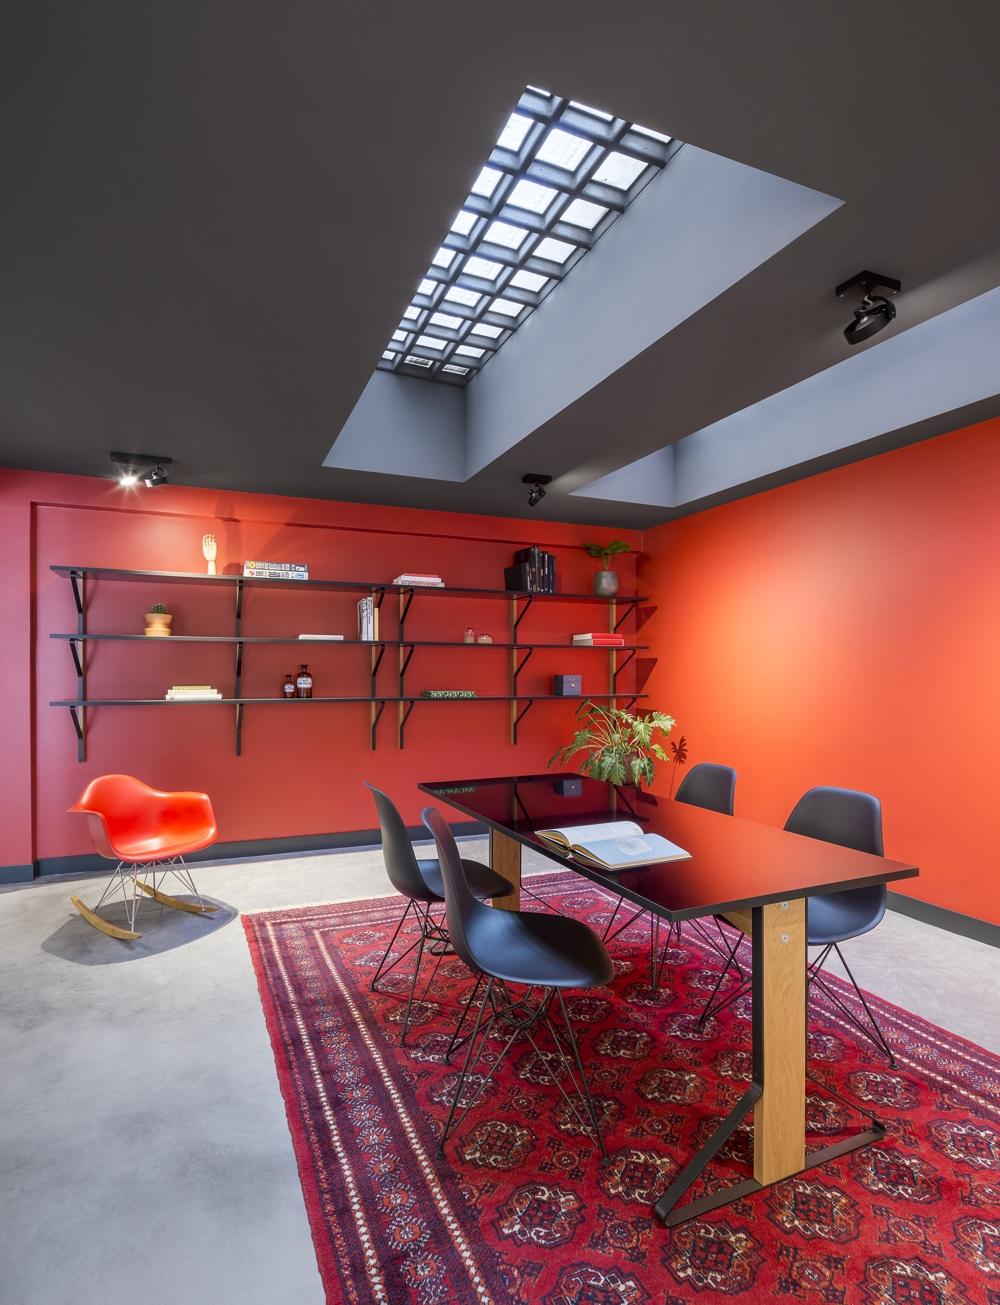 """In welchen Räumen sind wir am produktivsten? Die Jahrestagung """"Future Office 2019"""" gibt Antworten. Abbildung: Management Forum Starnberg"""